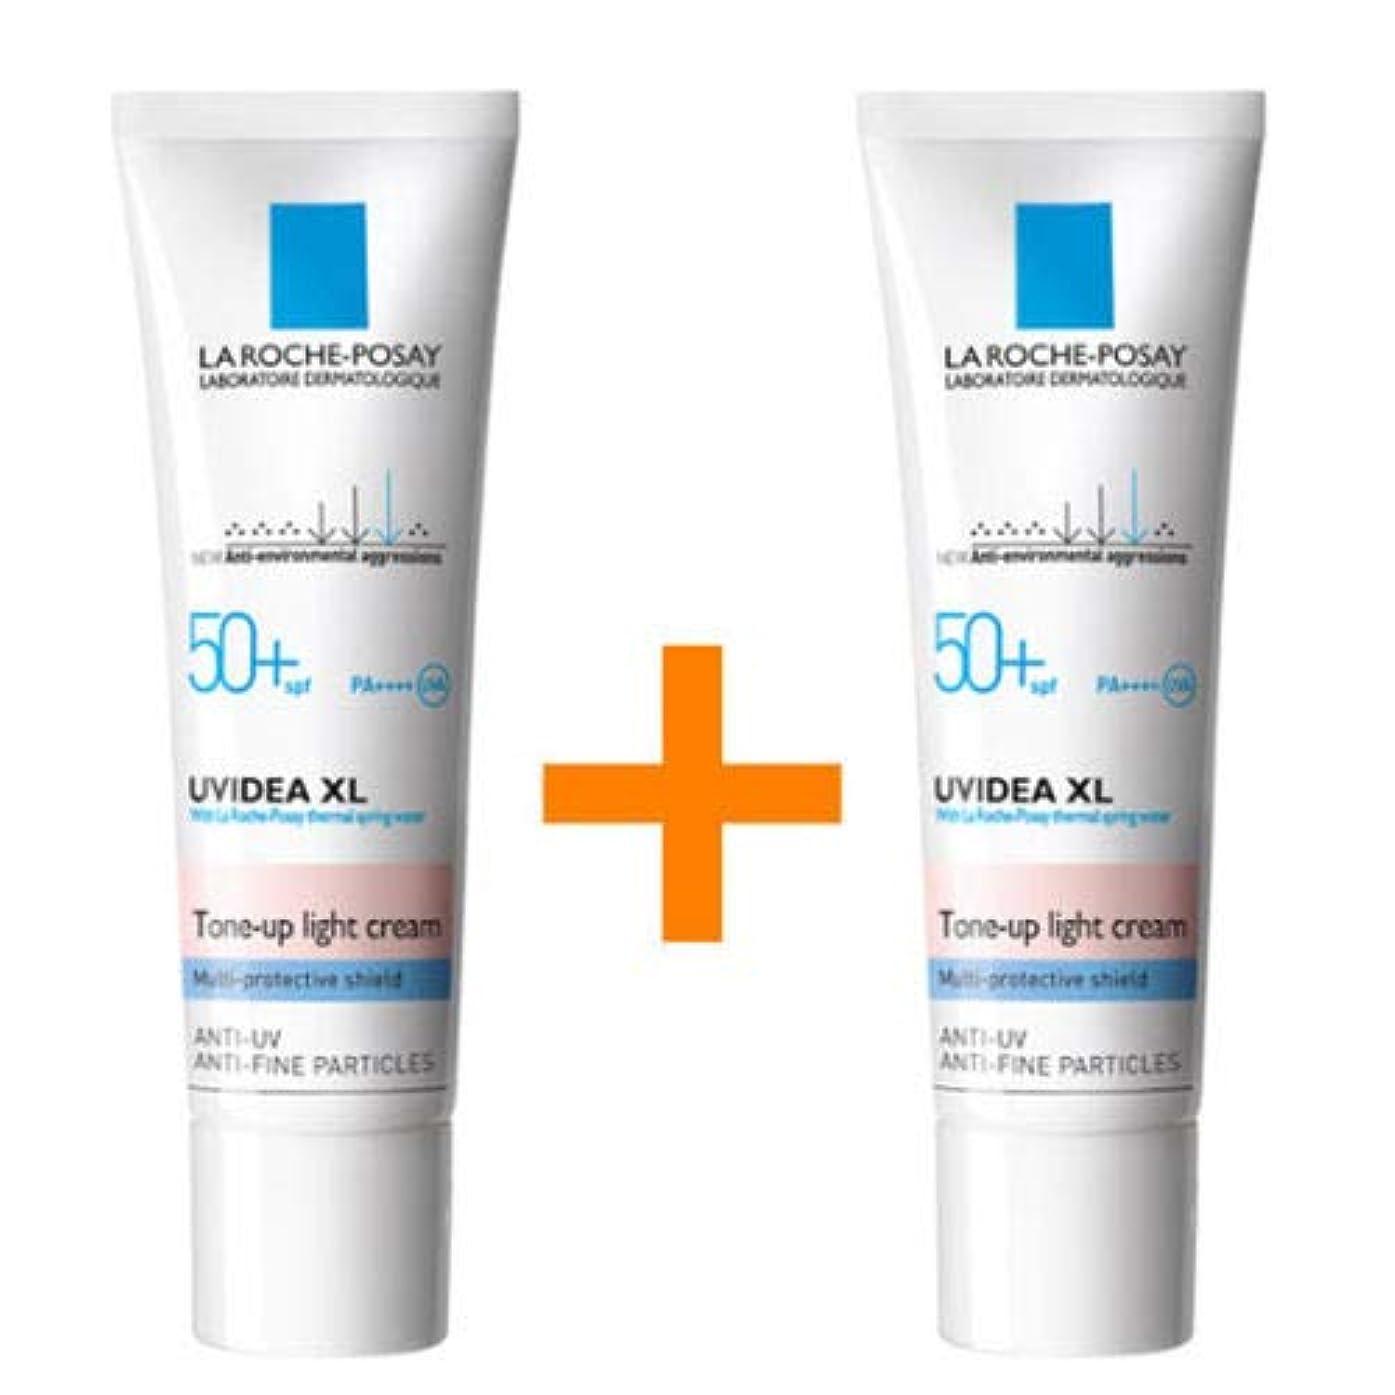 カフェテリアシティ起きる[1+1] La Roche-Posay ラロッシュポゼ UVイデア XL プロテクショントーンアップ Uvidea XL Tone-up Light Cream (30ml)